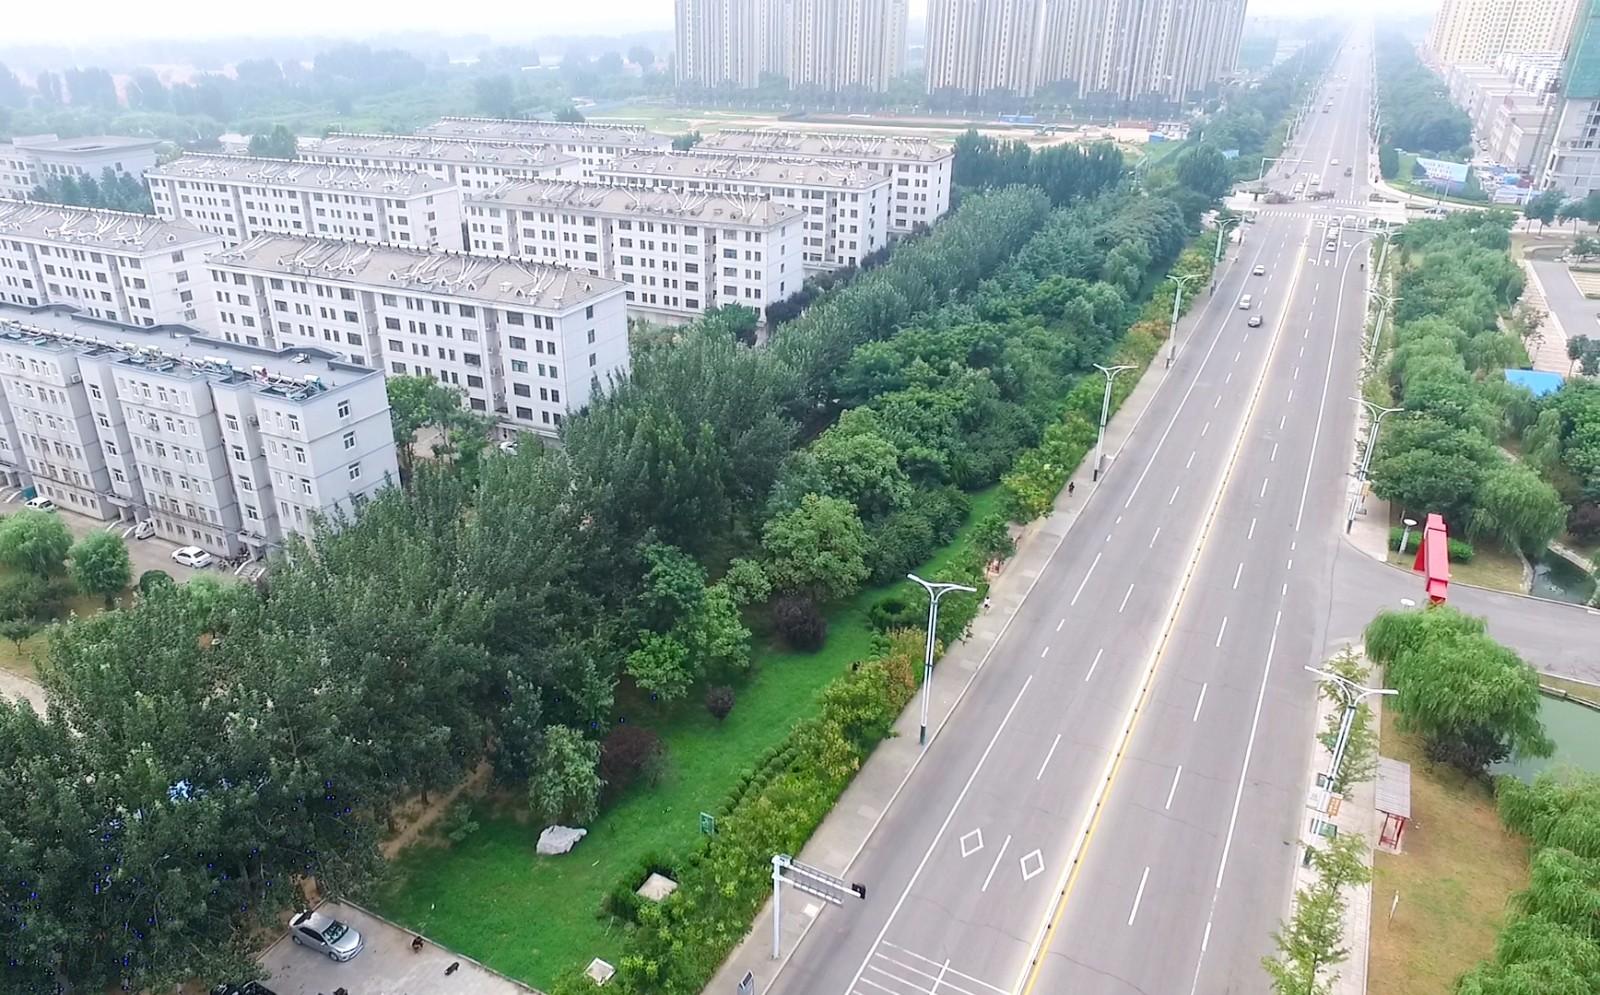 昌邑市南苑东街、奎聚路绿地补植等绿化工程